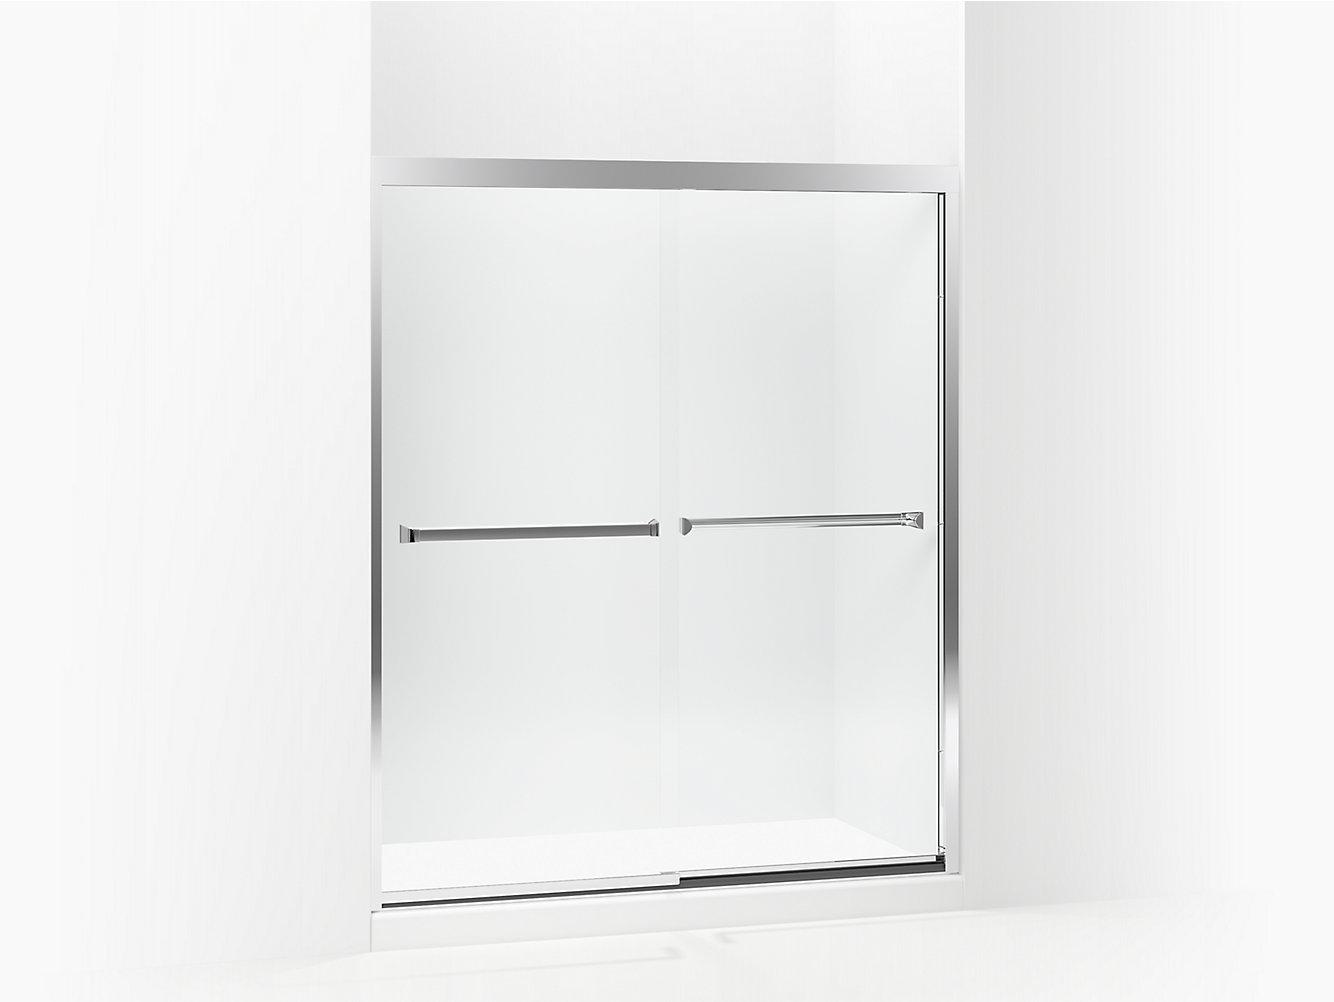 Meritor Frameless Sliding Shower Door 581075 59s G05 Sterling